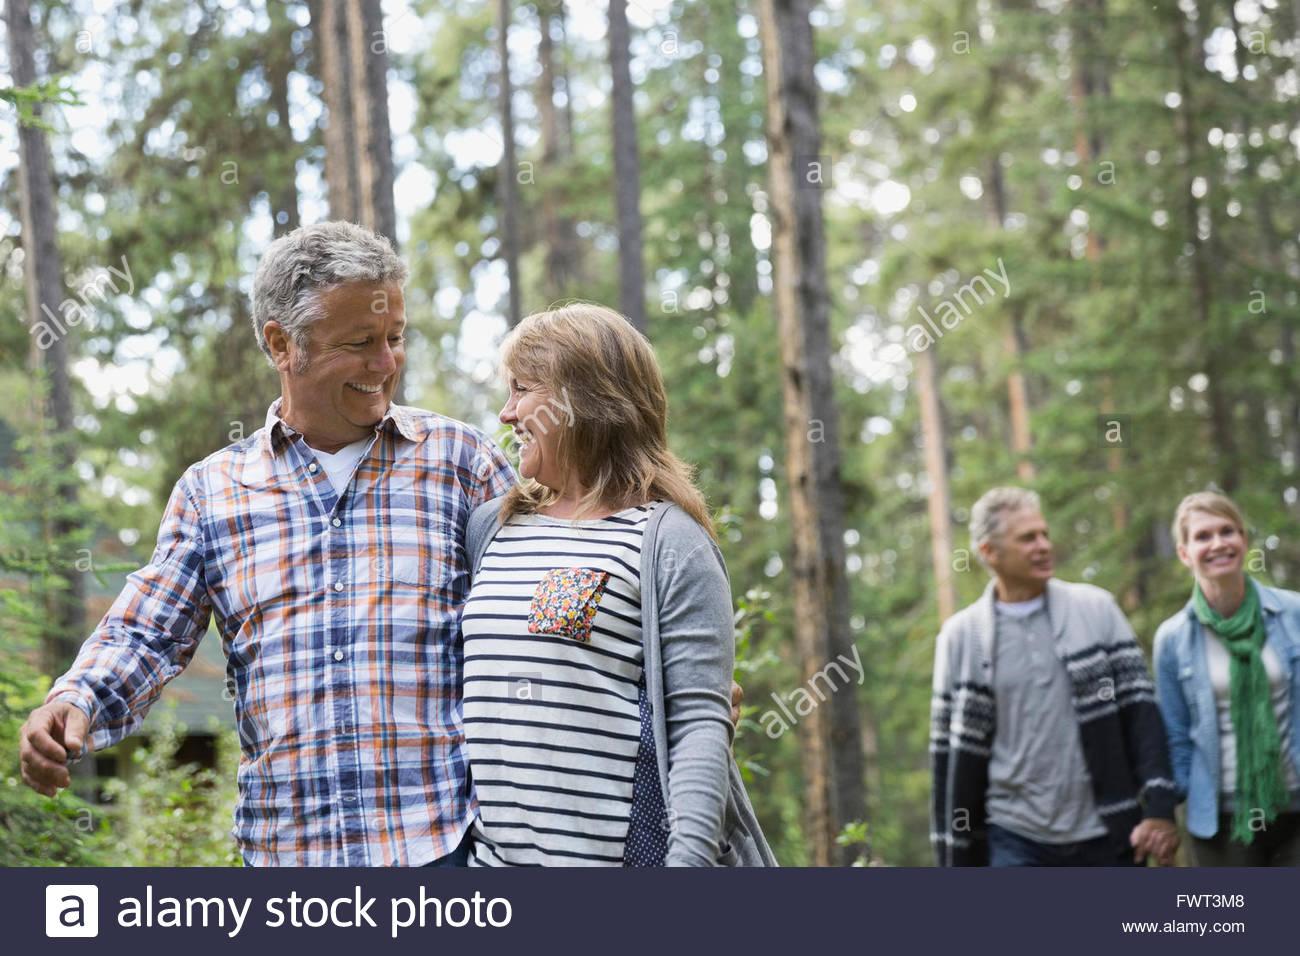 Lächelnde Paar mittleren Alters im Wald spazieren Stockbild